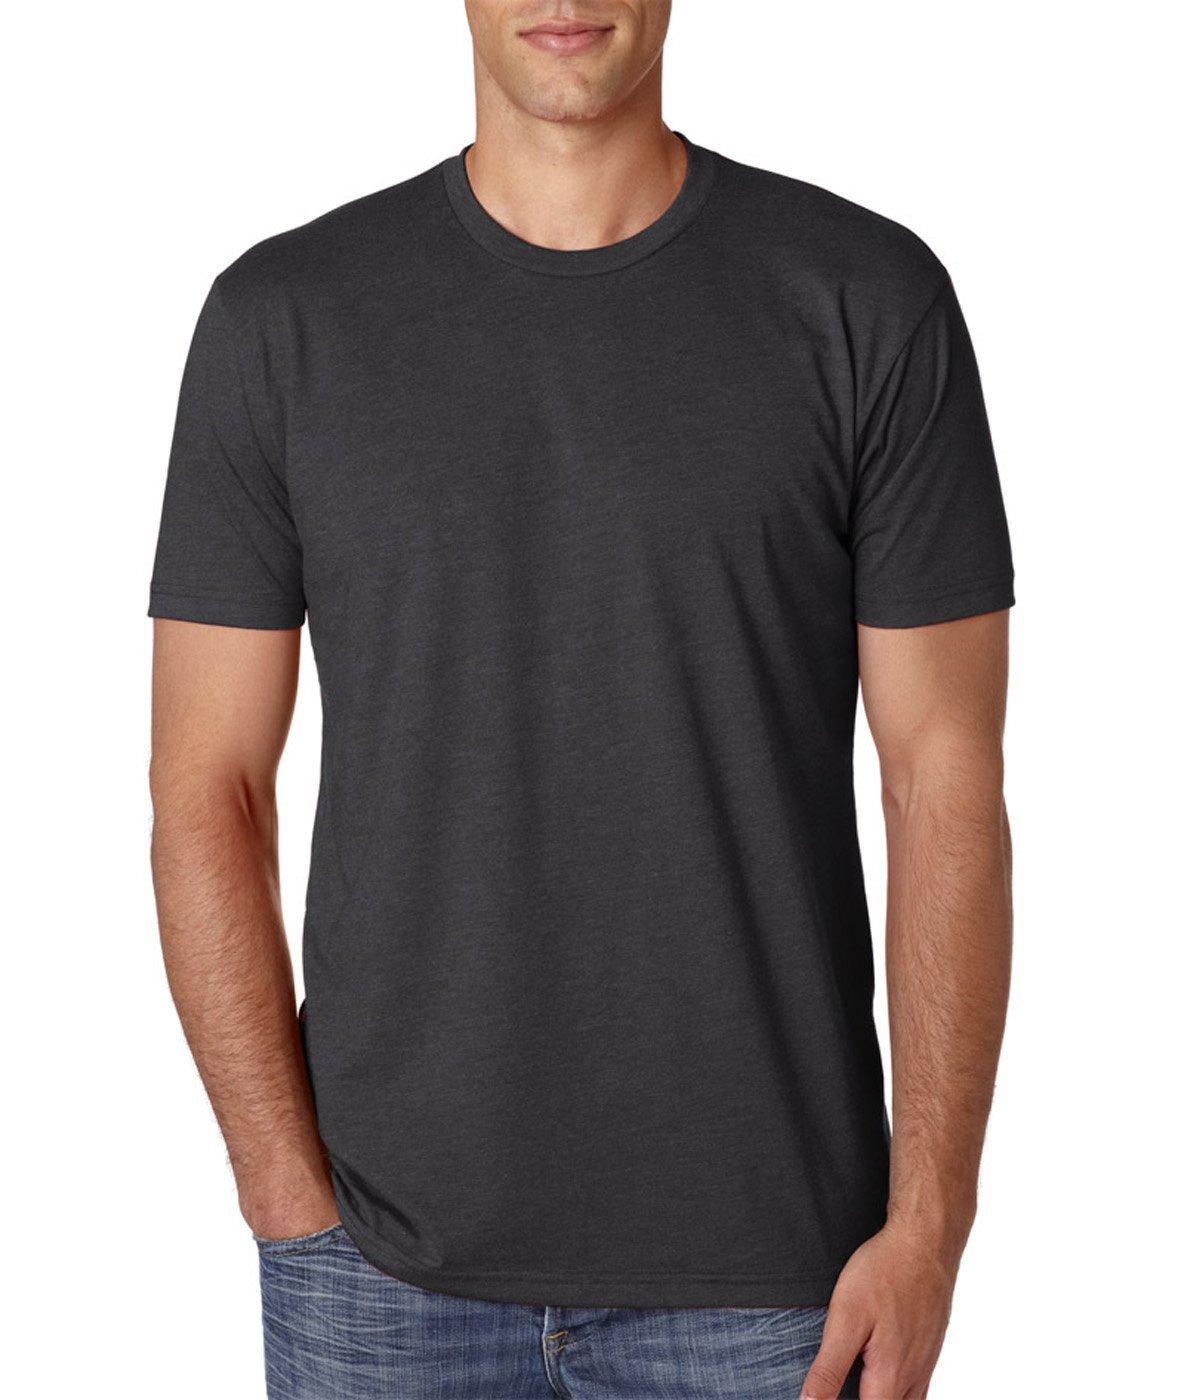 Next Level Apparel メンズ CVC クルーネック ジャージ Tシャツ B07D5JBPP8 Large|Charcoal + Charcoal (2 Shirts) Charcoal + Charcoal (2 Shirts) Large